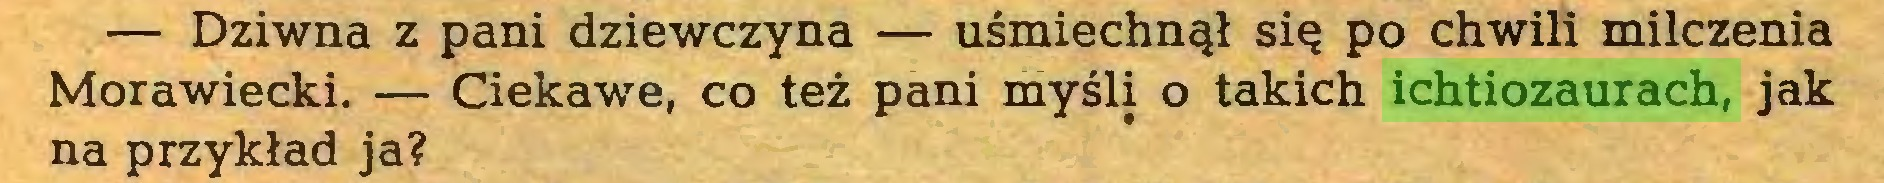 (...) — Dziwna z pani dziewczyna — uśmiechnął się po chwili milczenia Morawiecki. — Ciekawe, co też pani myśli o takich ichtiozaurach, jak na przykład ja?...